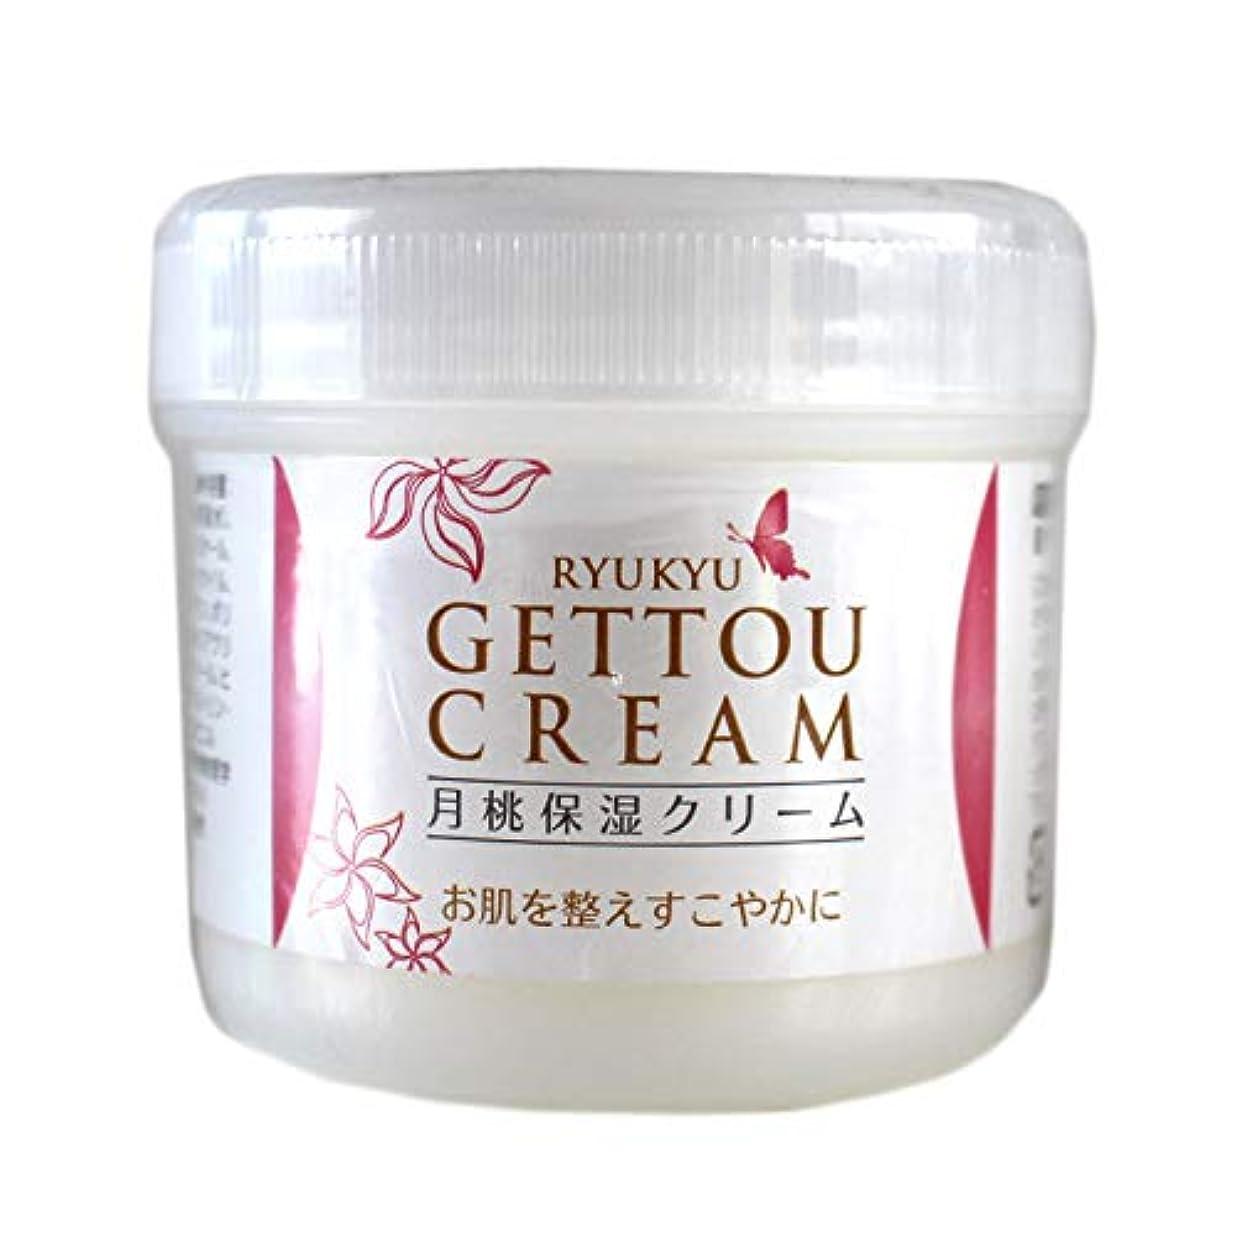 かび臭い確認してください適用済み月桃保湿クリーム 100g×8個 月桃蒸留水を主原料とした 保湿クリーム お肌を整えすこやかに